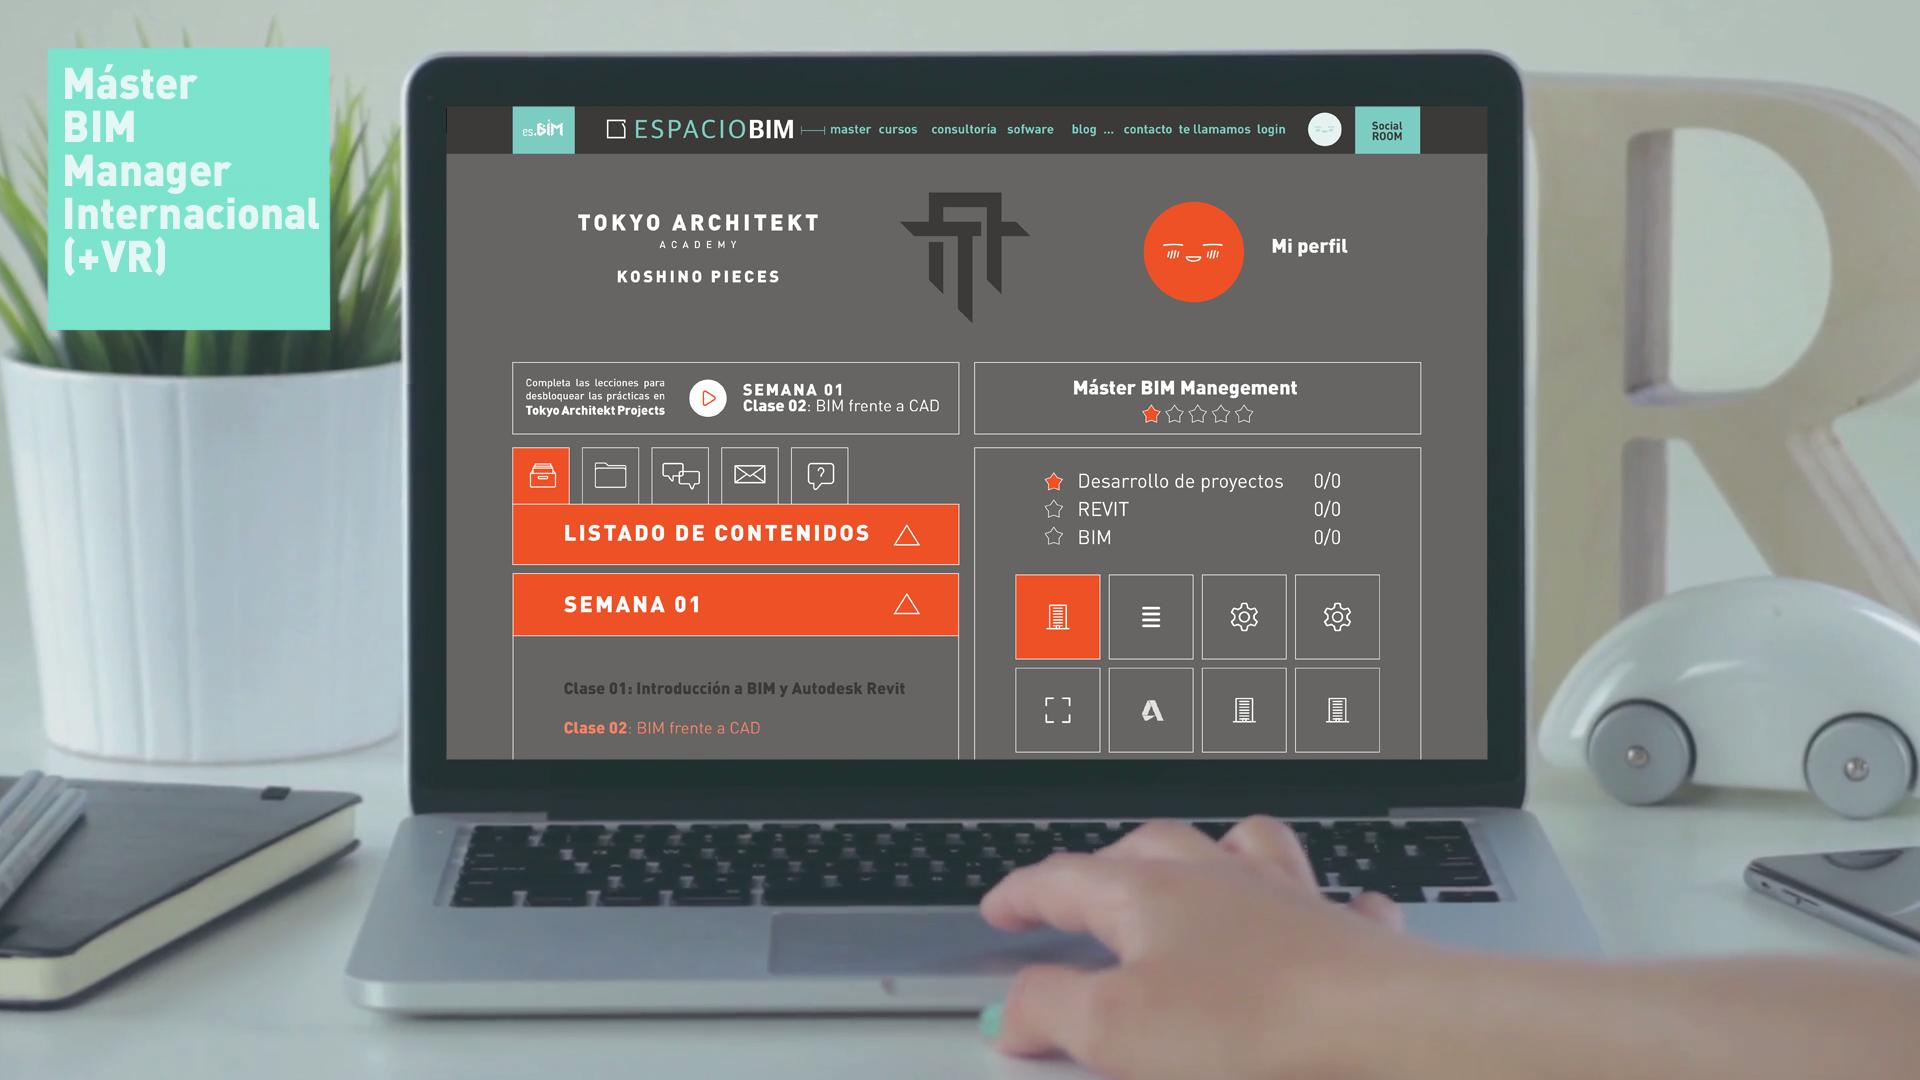 curso revit certificado autodesk online